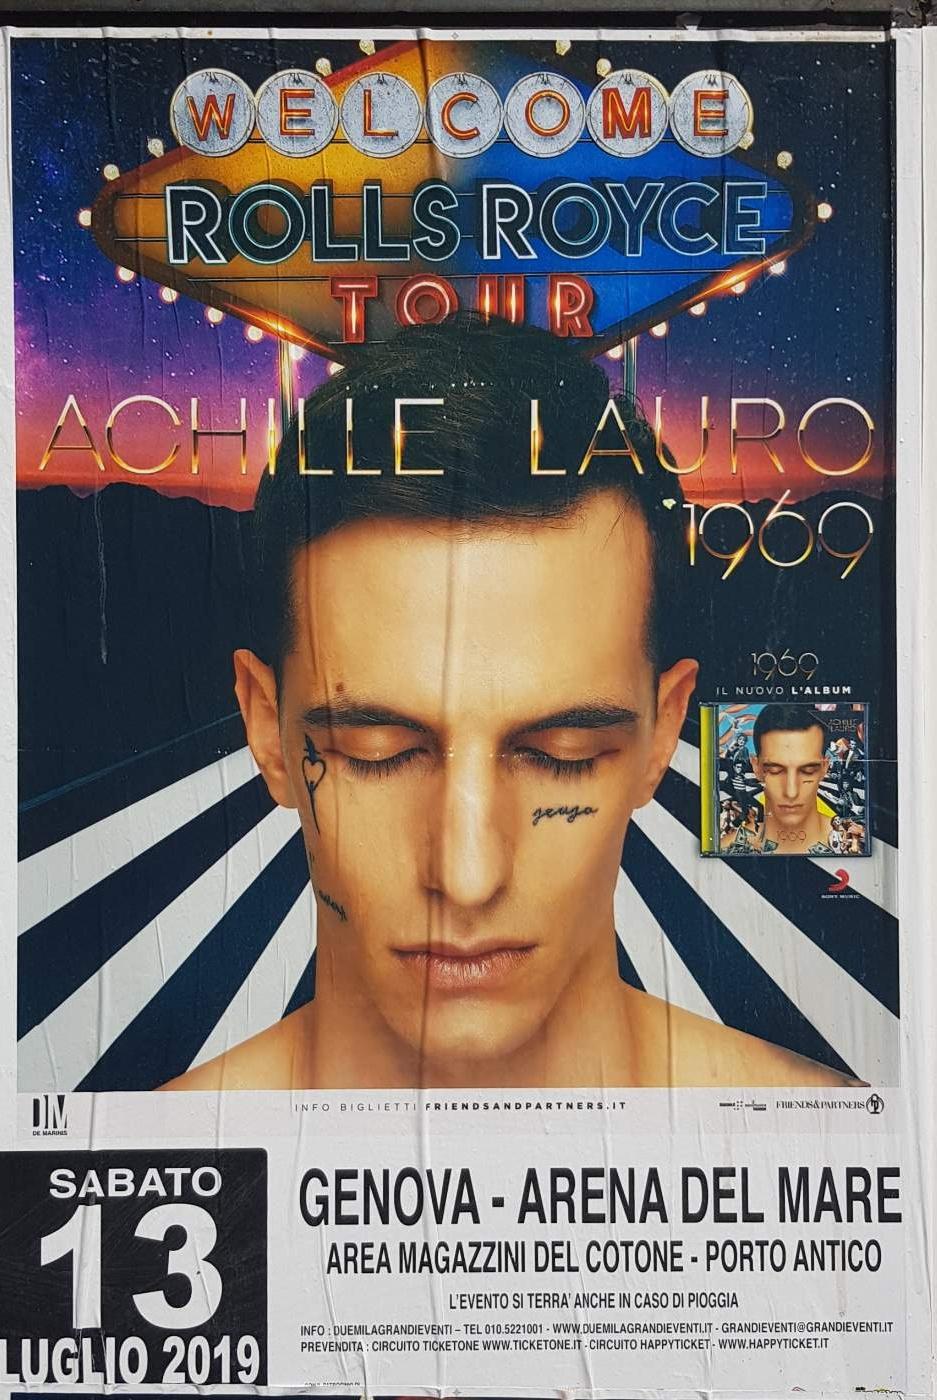 Achille Lauro Arena del Mare Belvedere dei Dogi, 16128 Genova Dal 13/07/2019 Al 13/07/2019 21:30 - 02:00